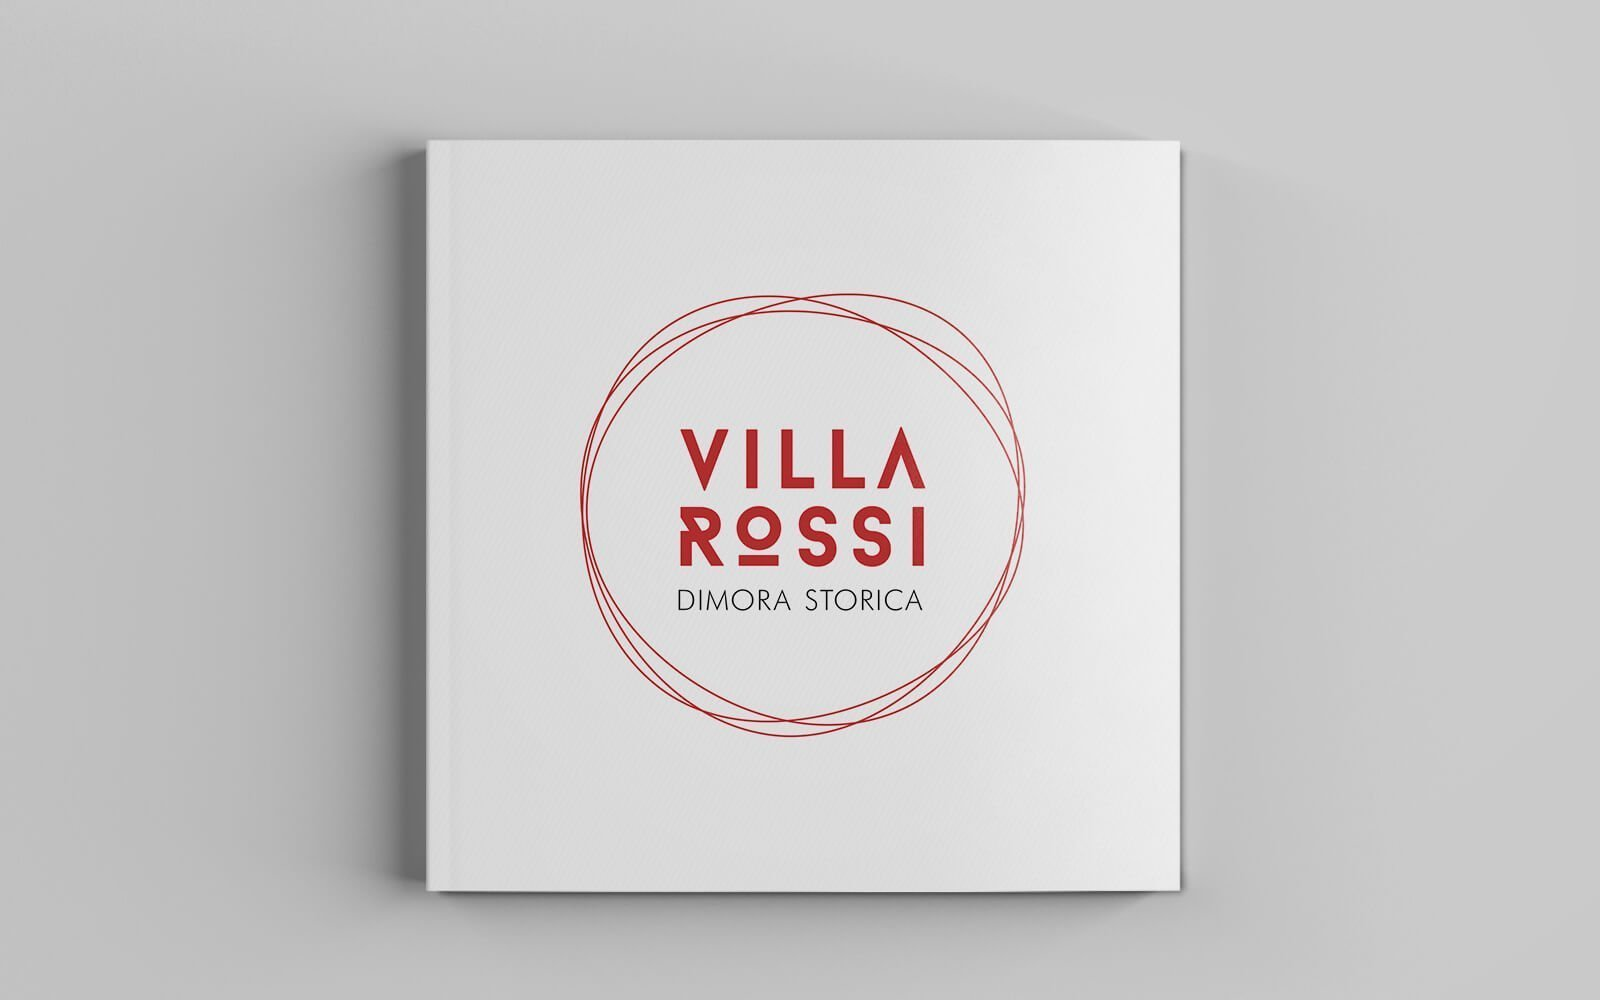 VillaRossi